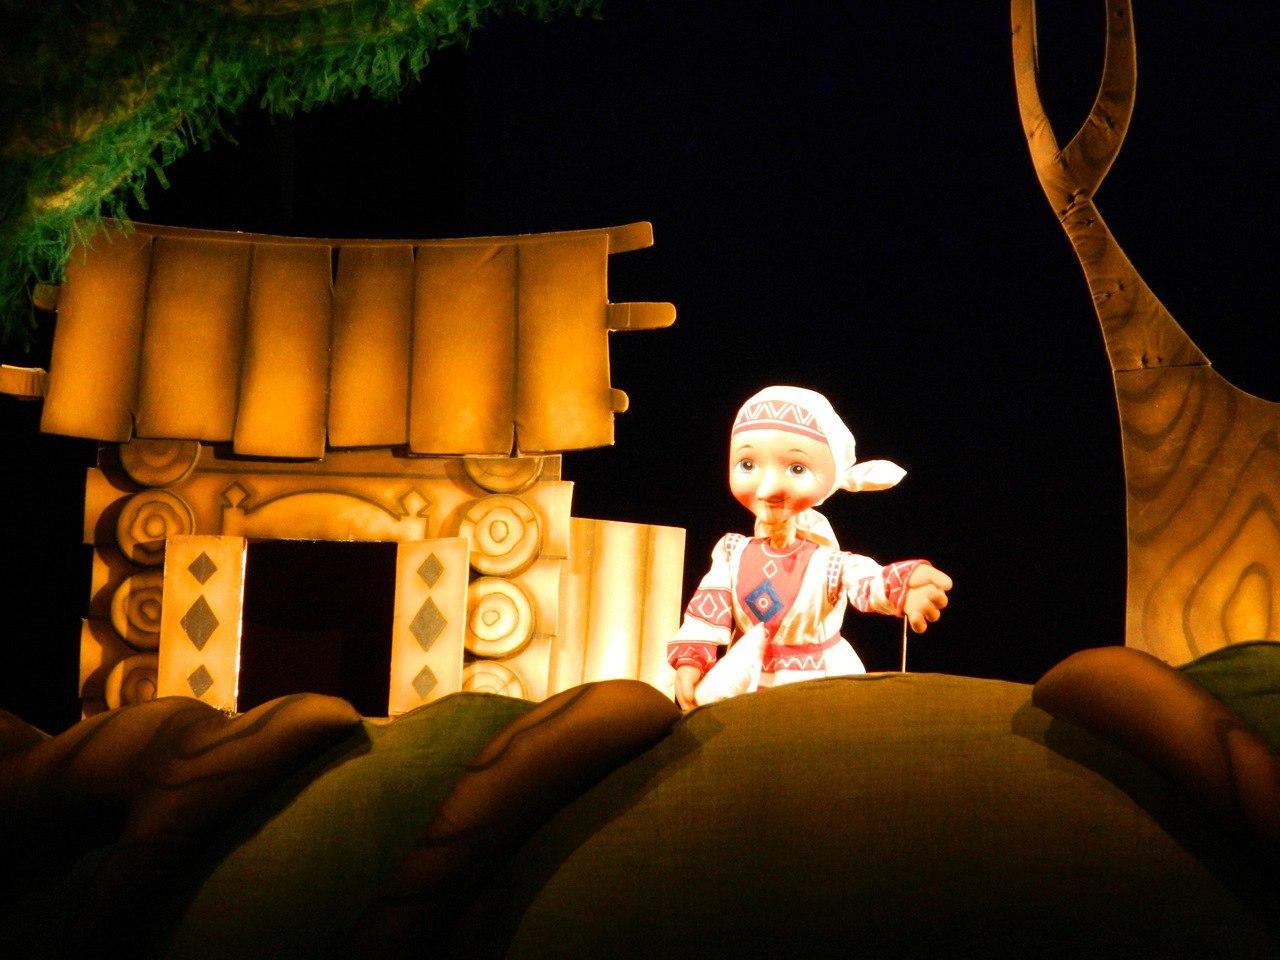 Фото куклы на спектакле про Лопшо Педуня в театре кукол Ижевска